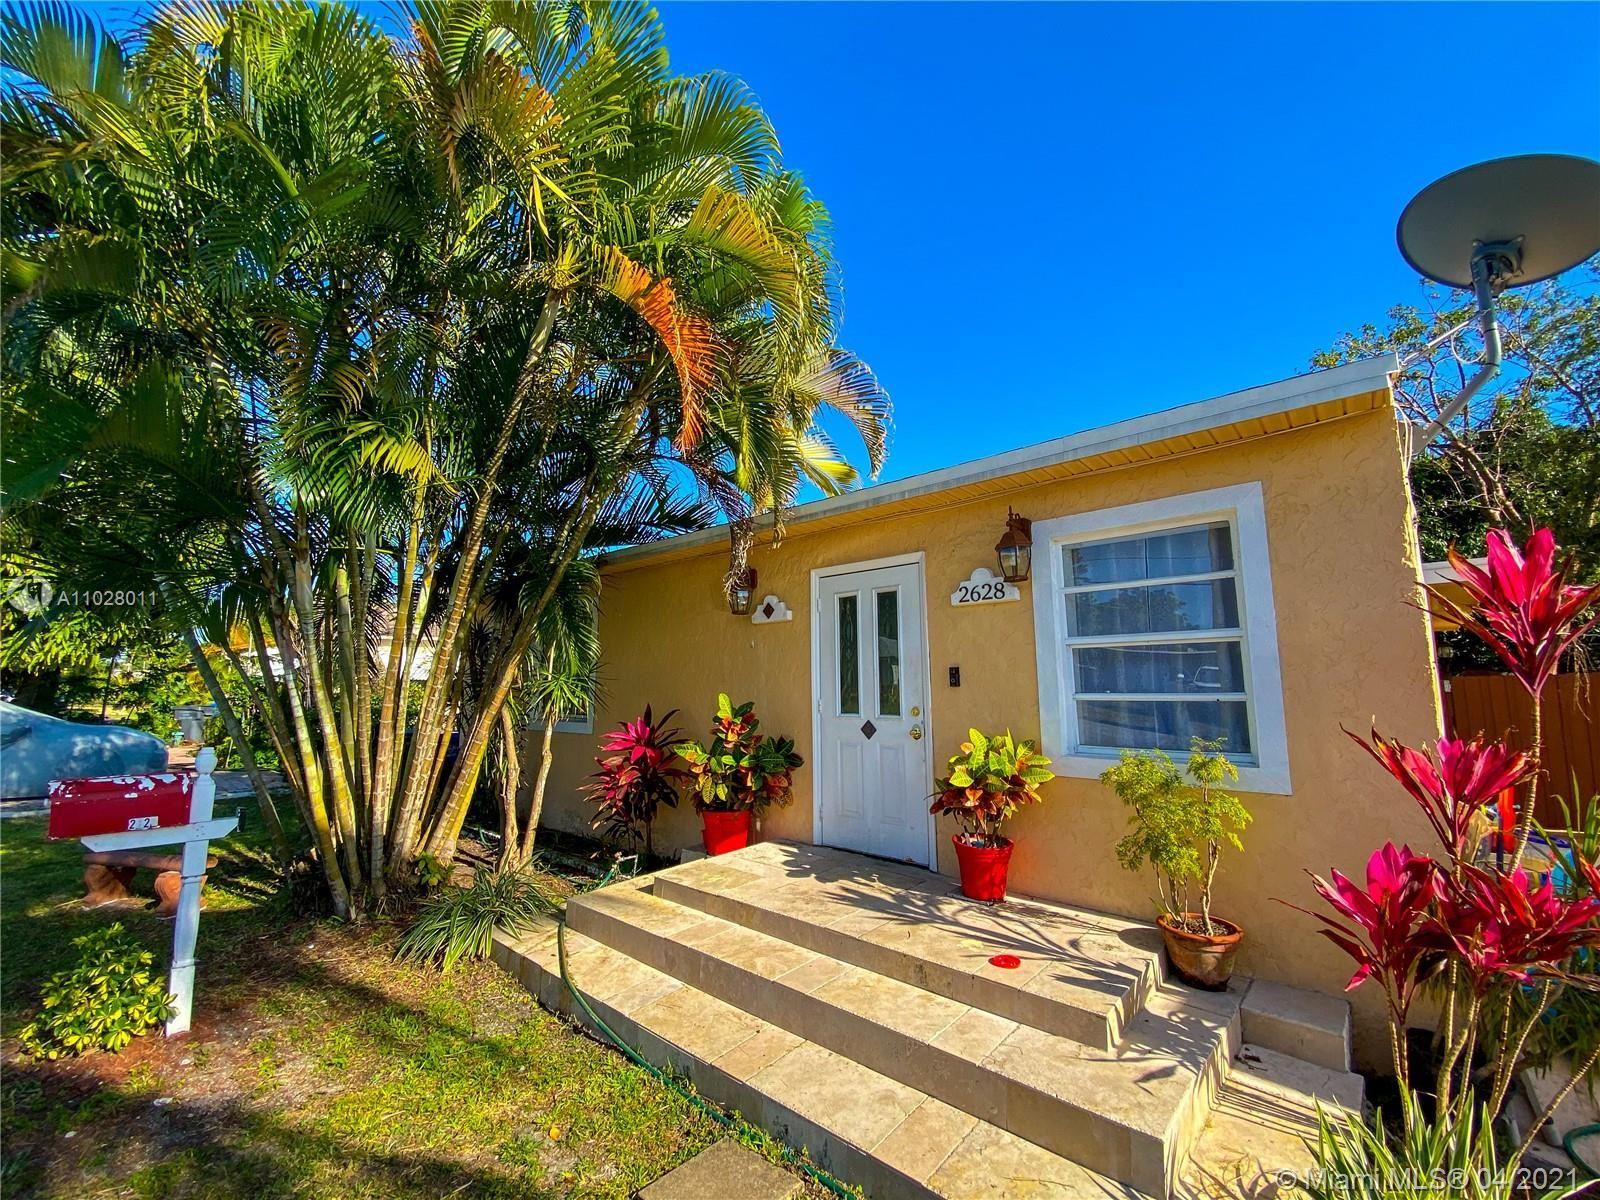 2628 Hayes St, Hollywood, FL 33020 - #: A11028011